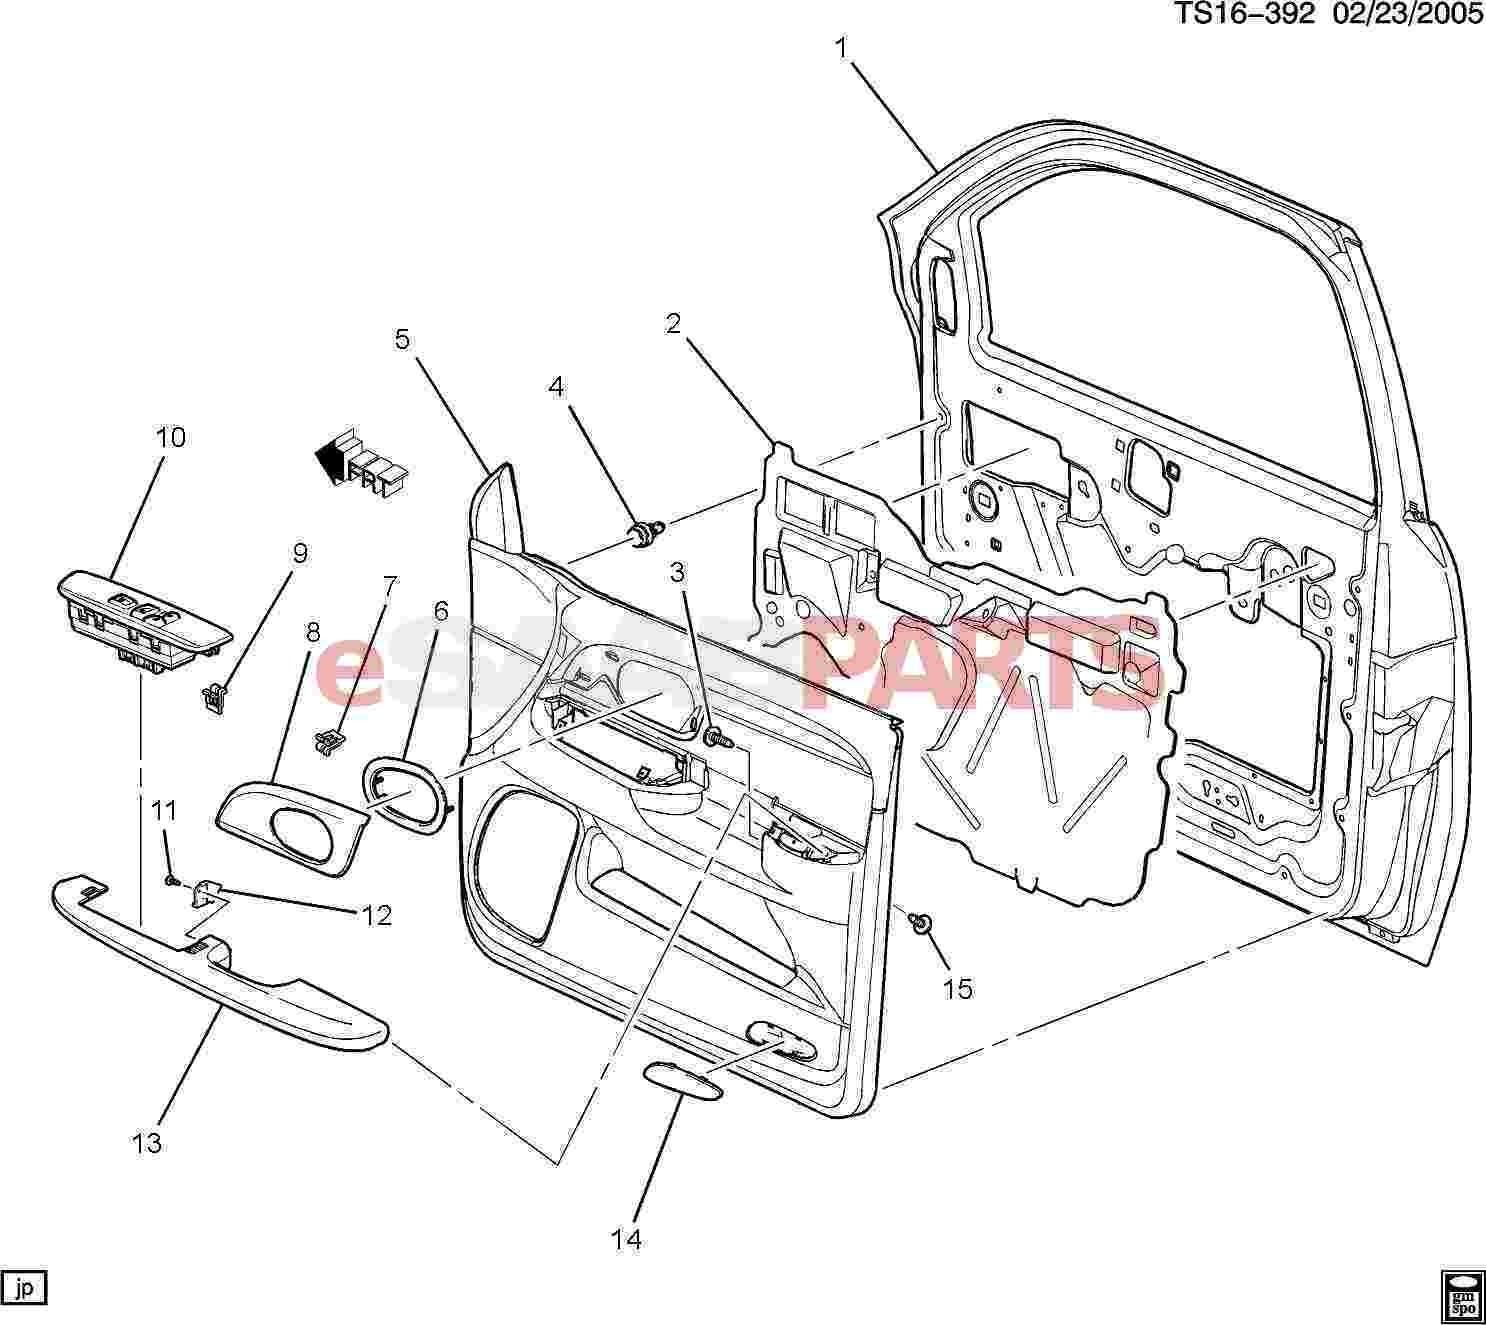 Exterior Car Door Parts Diagram ] Saab Bolt Hwh with Fl Wa M4 2x1 41x20 12 5 O D Dog Pt